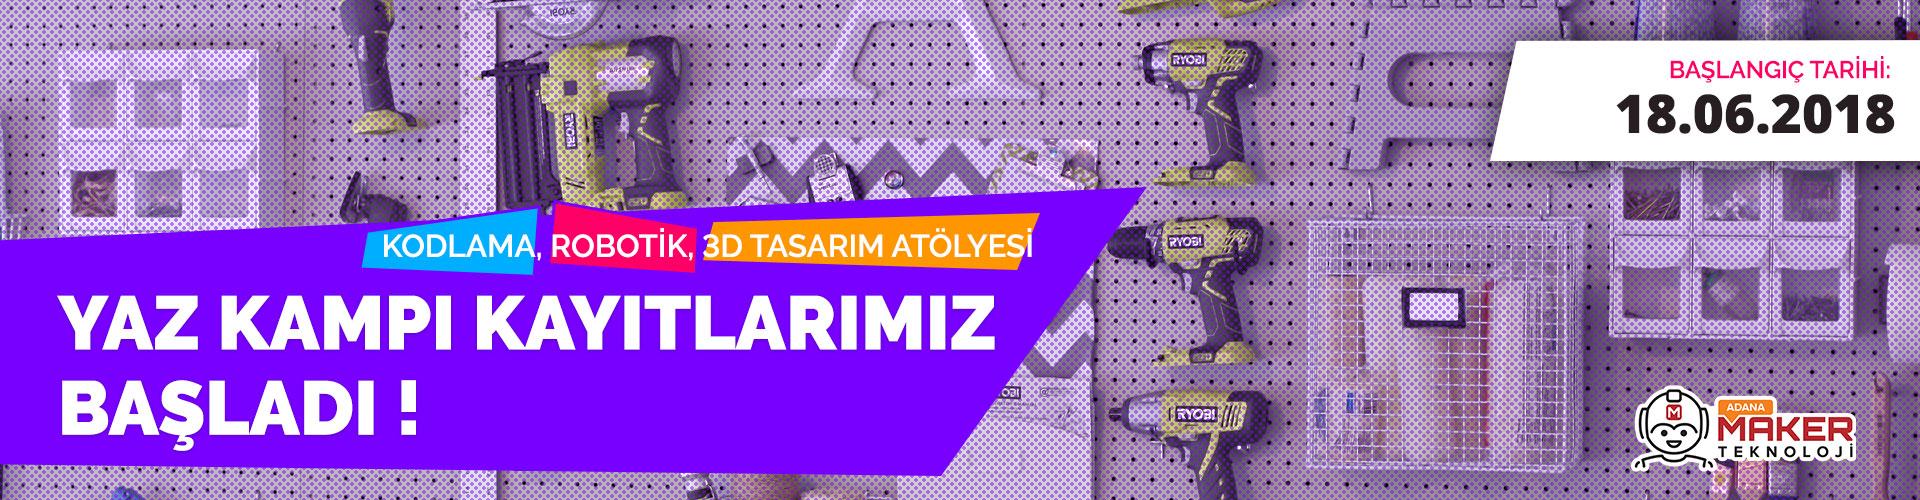 Adana Maker Teknoloji Yaz Kampı